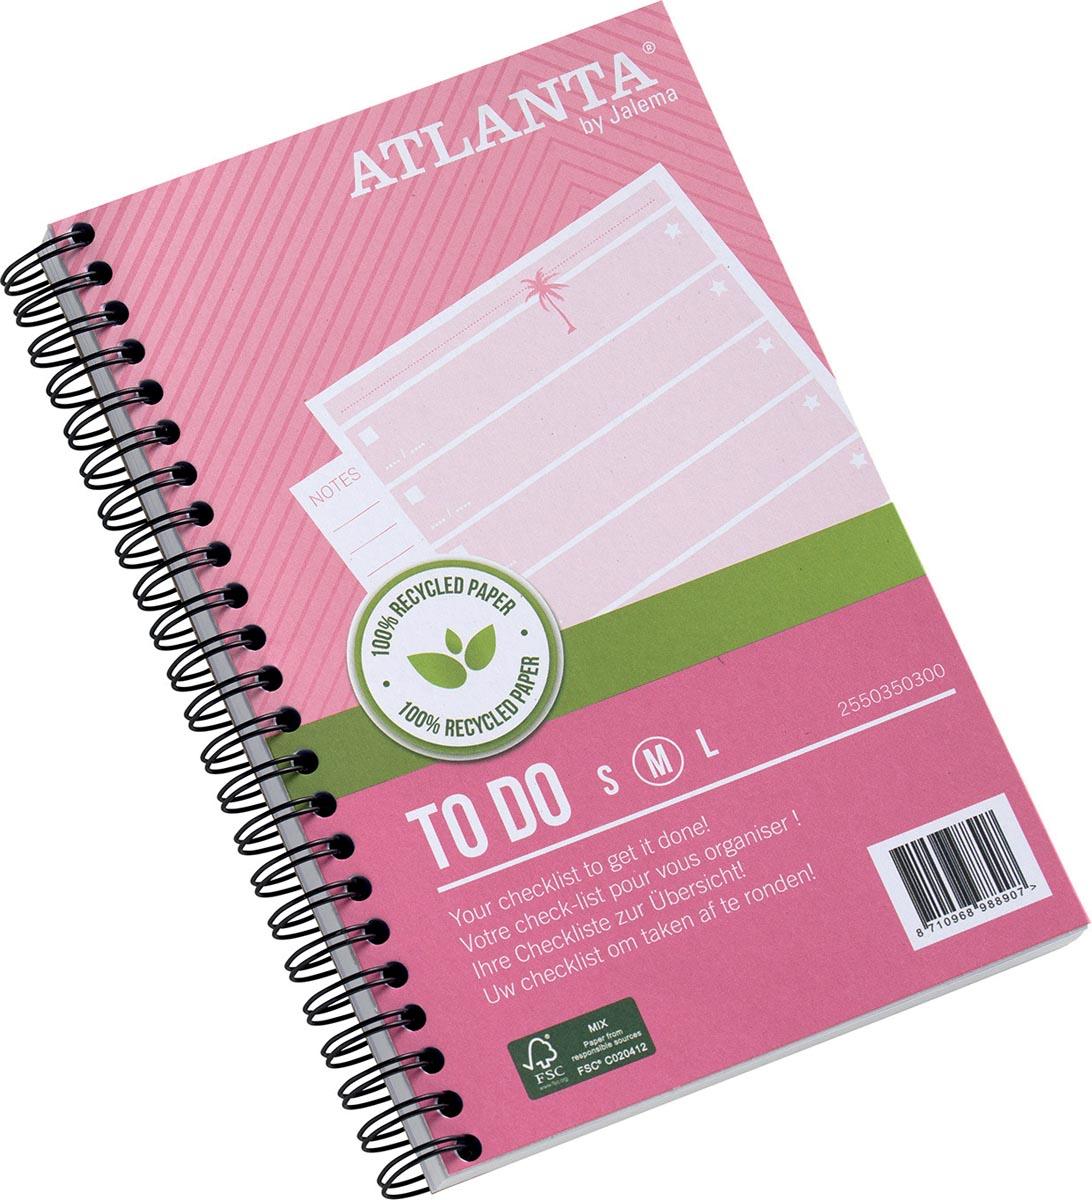 Atlanta by Jalema notitieboekje To Do 'Tropical' ft 125 x 195 mm, 200 bladzijden, pak van